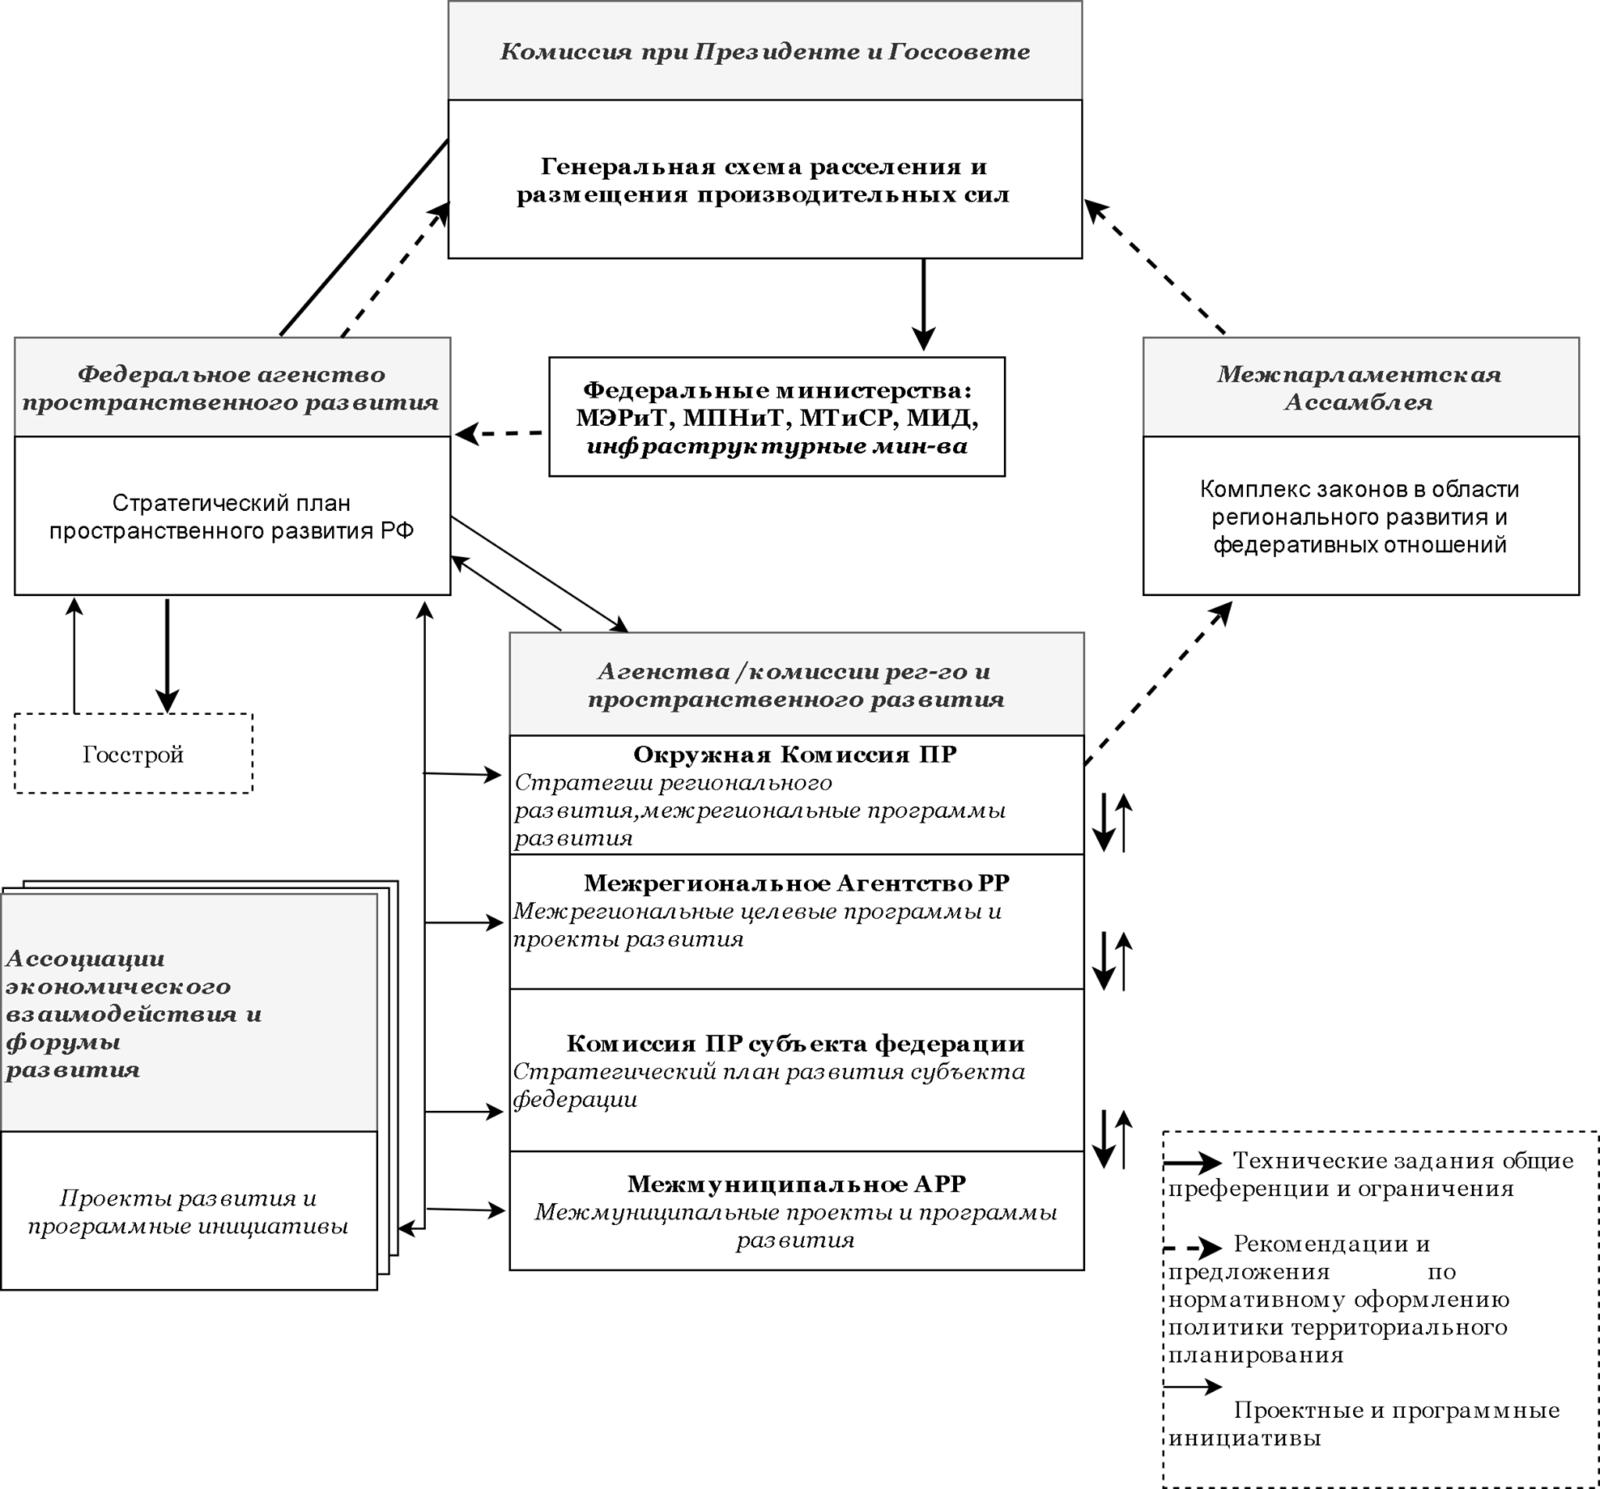 Институциональные механизмы пространственного развития